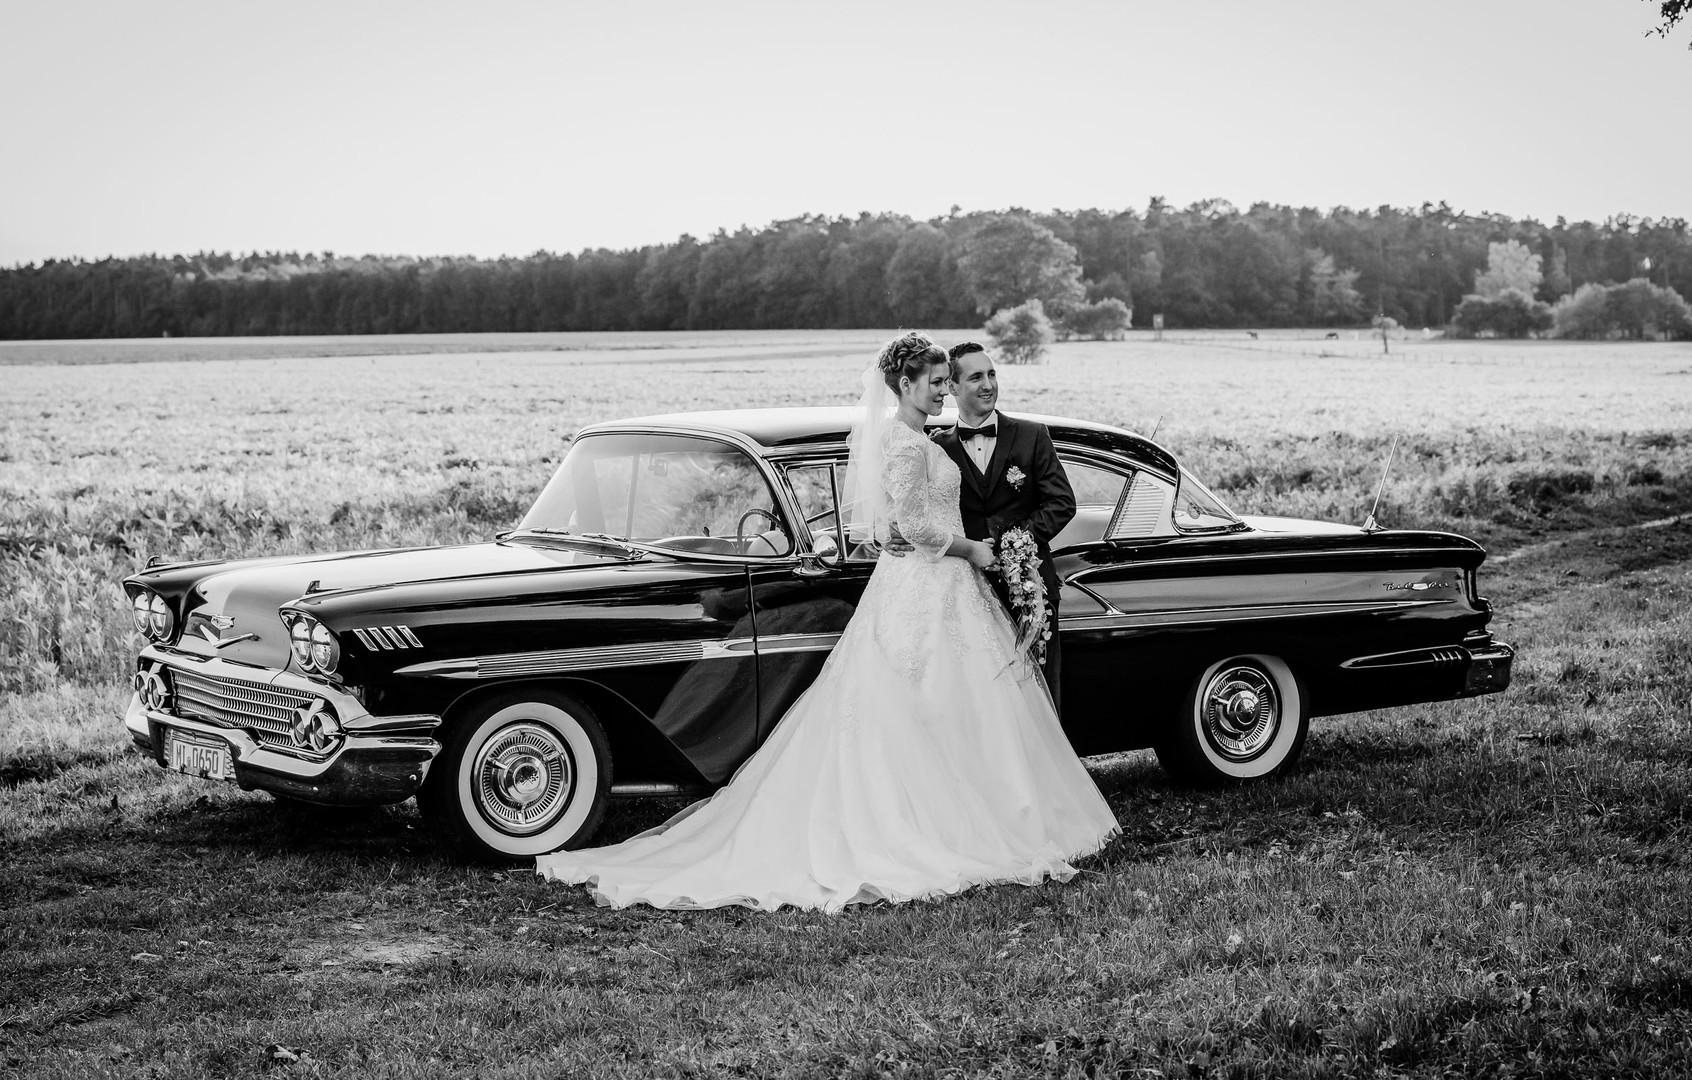 2_Fotos_algefühlvolle & kreative Hochzeitsfotografie | Maren van Meer | Nienburg/Wesers_Geschenk_©_Maren_van_Meer_Ph